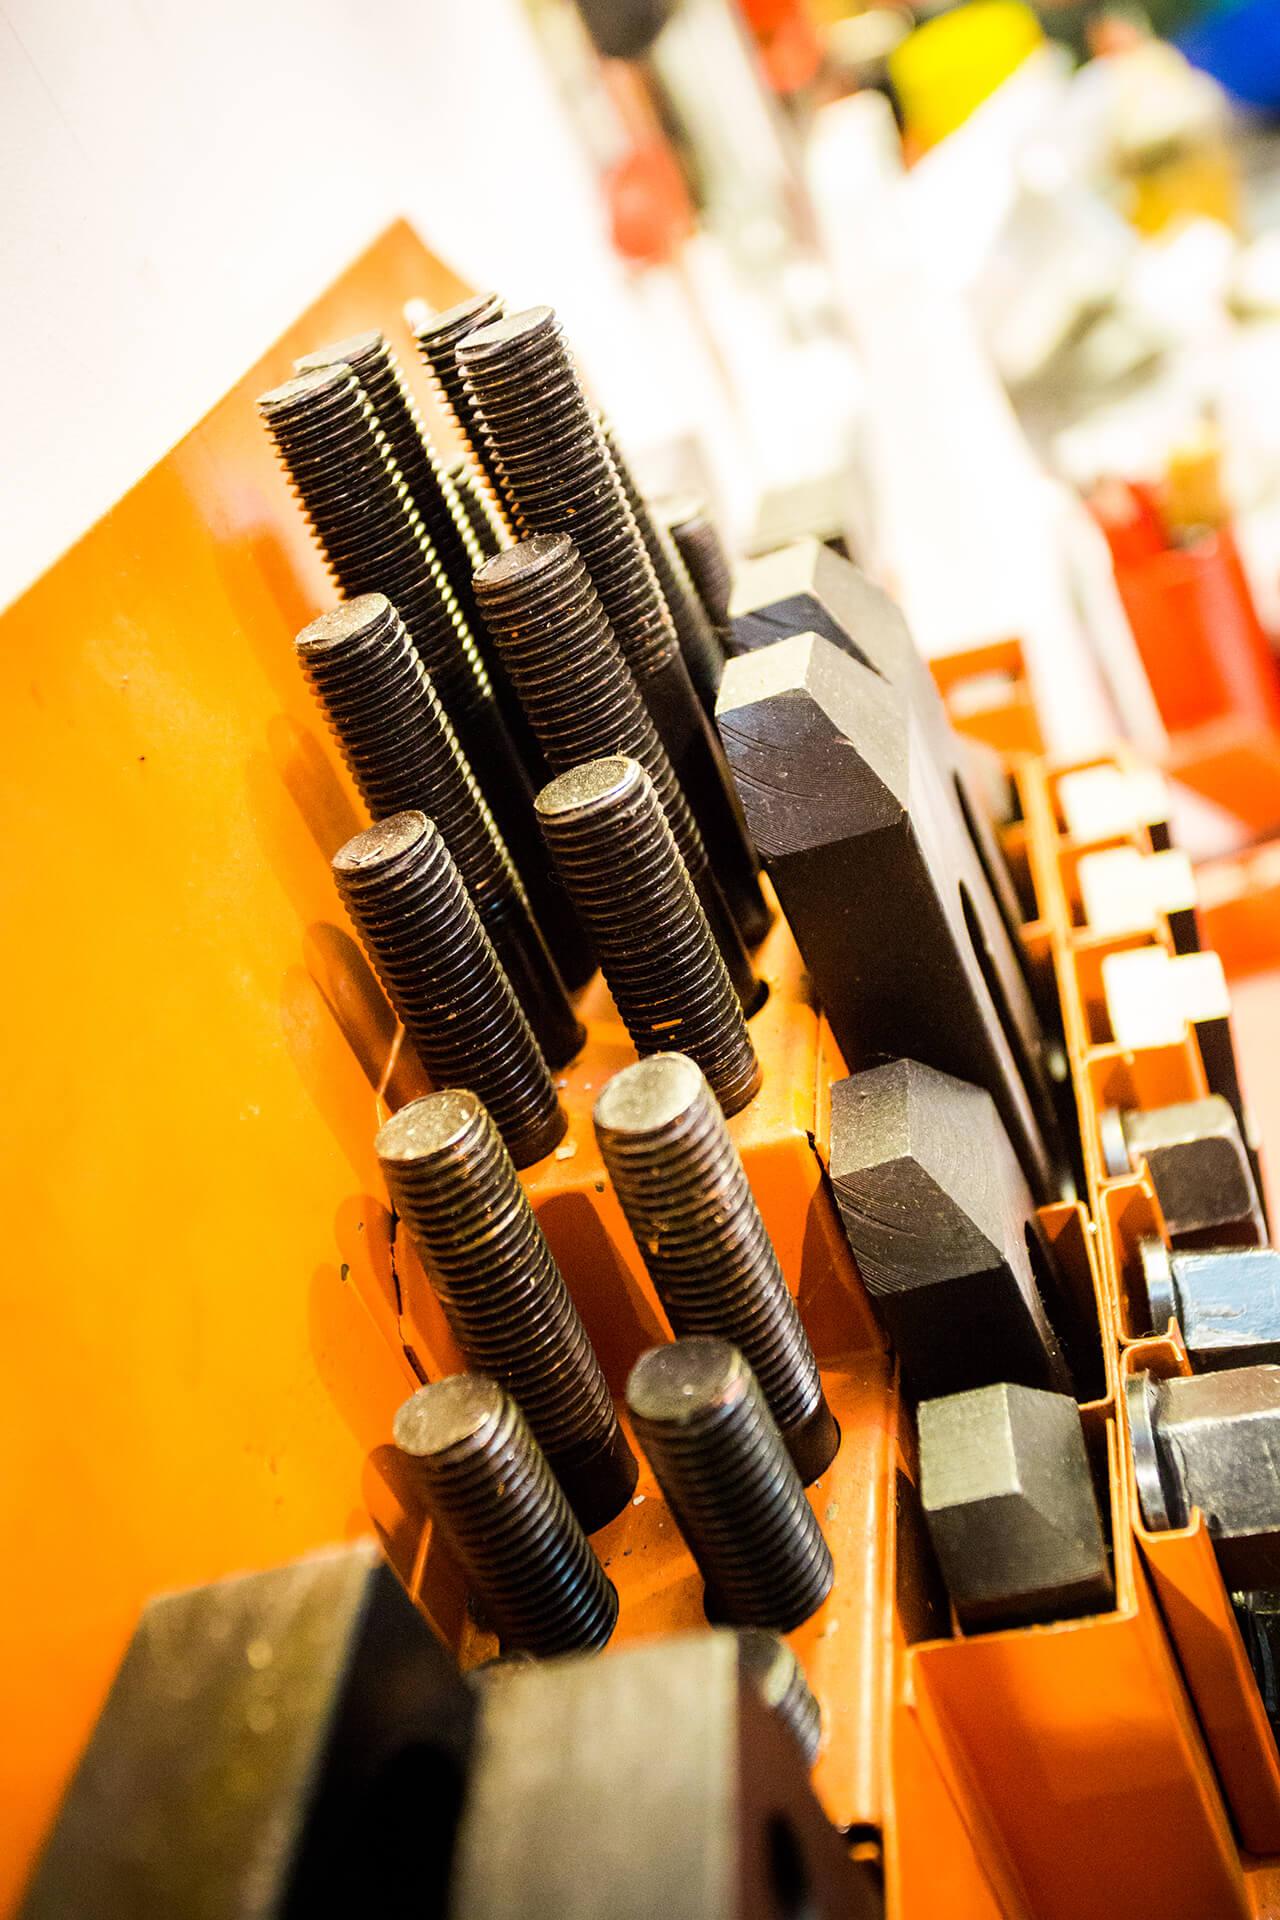 Organised Tools